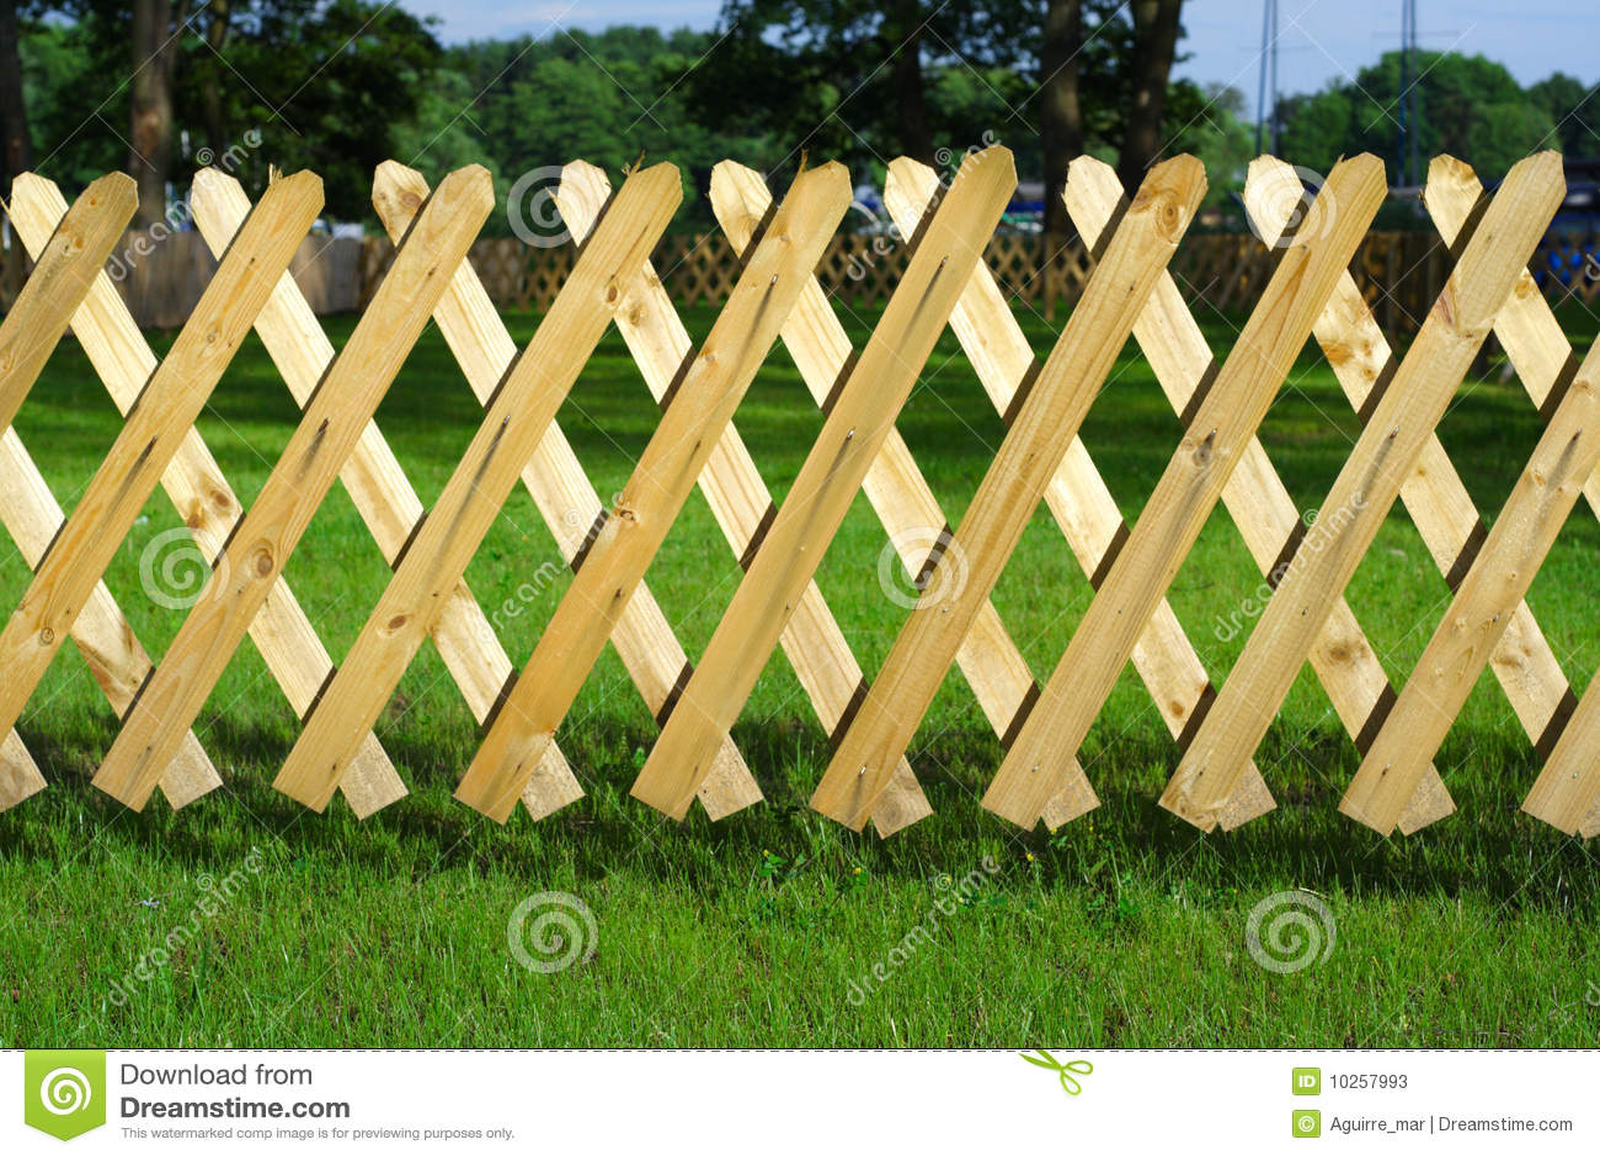 Заборчики из дерева своими руками